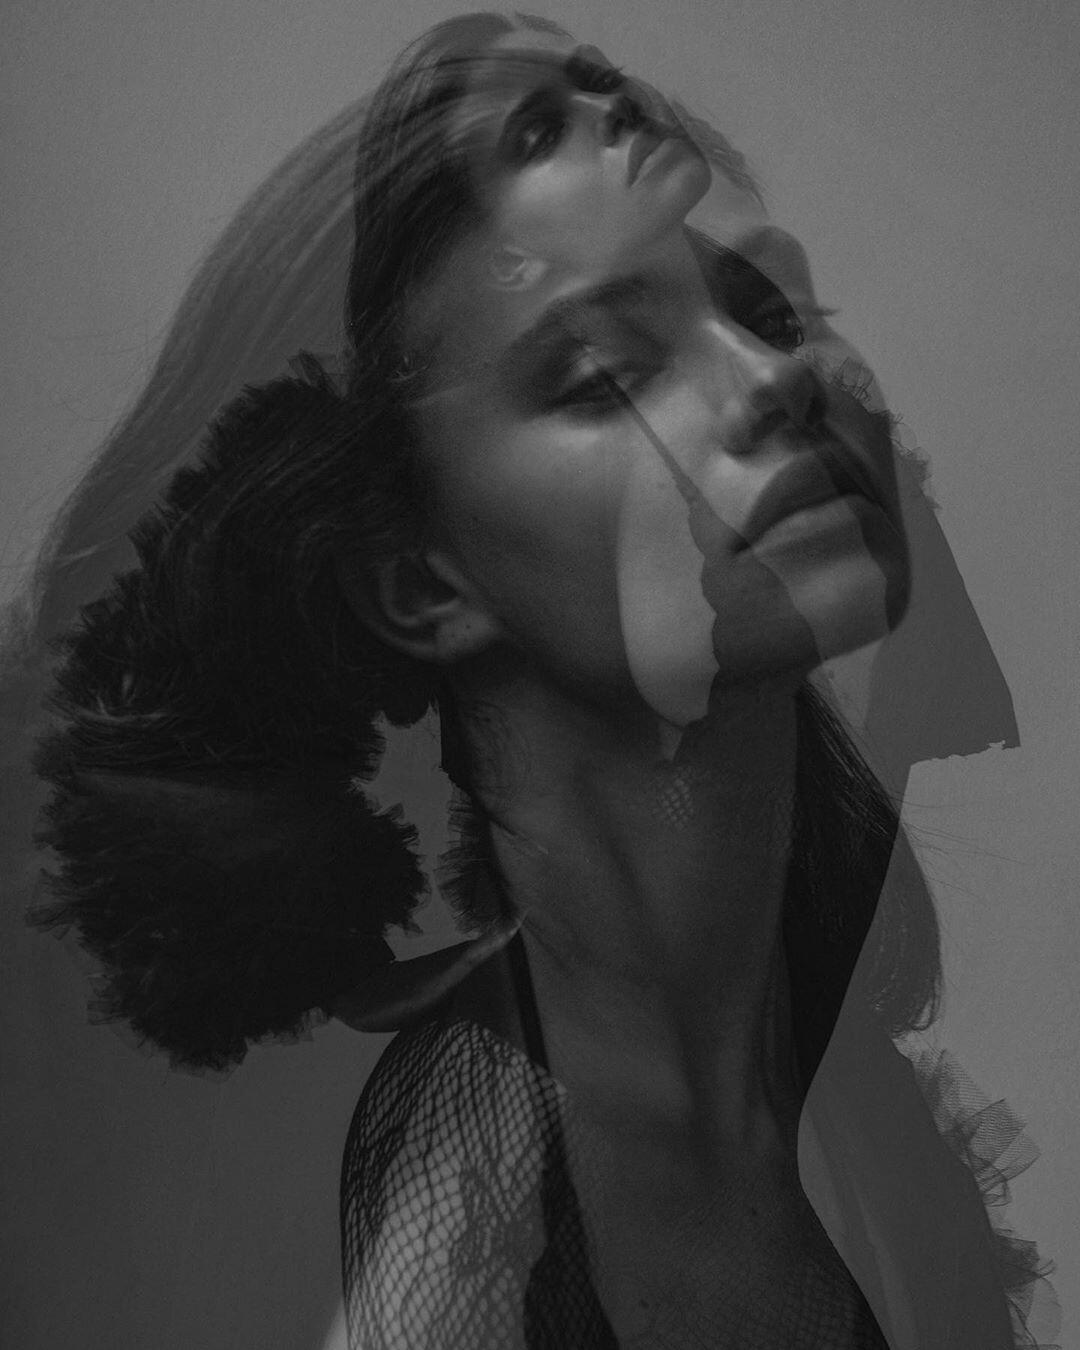 Yara Khmidan by Ace Amir